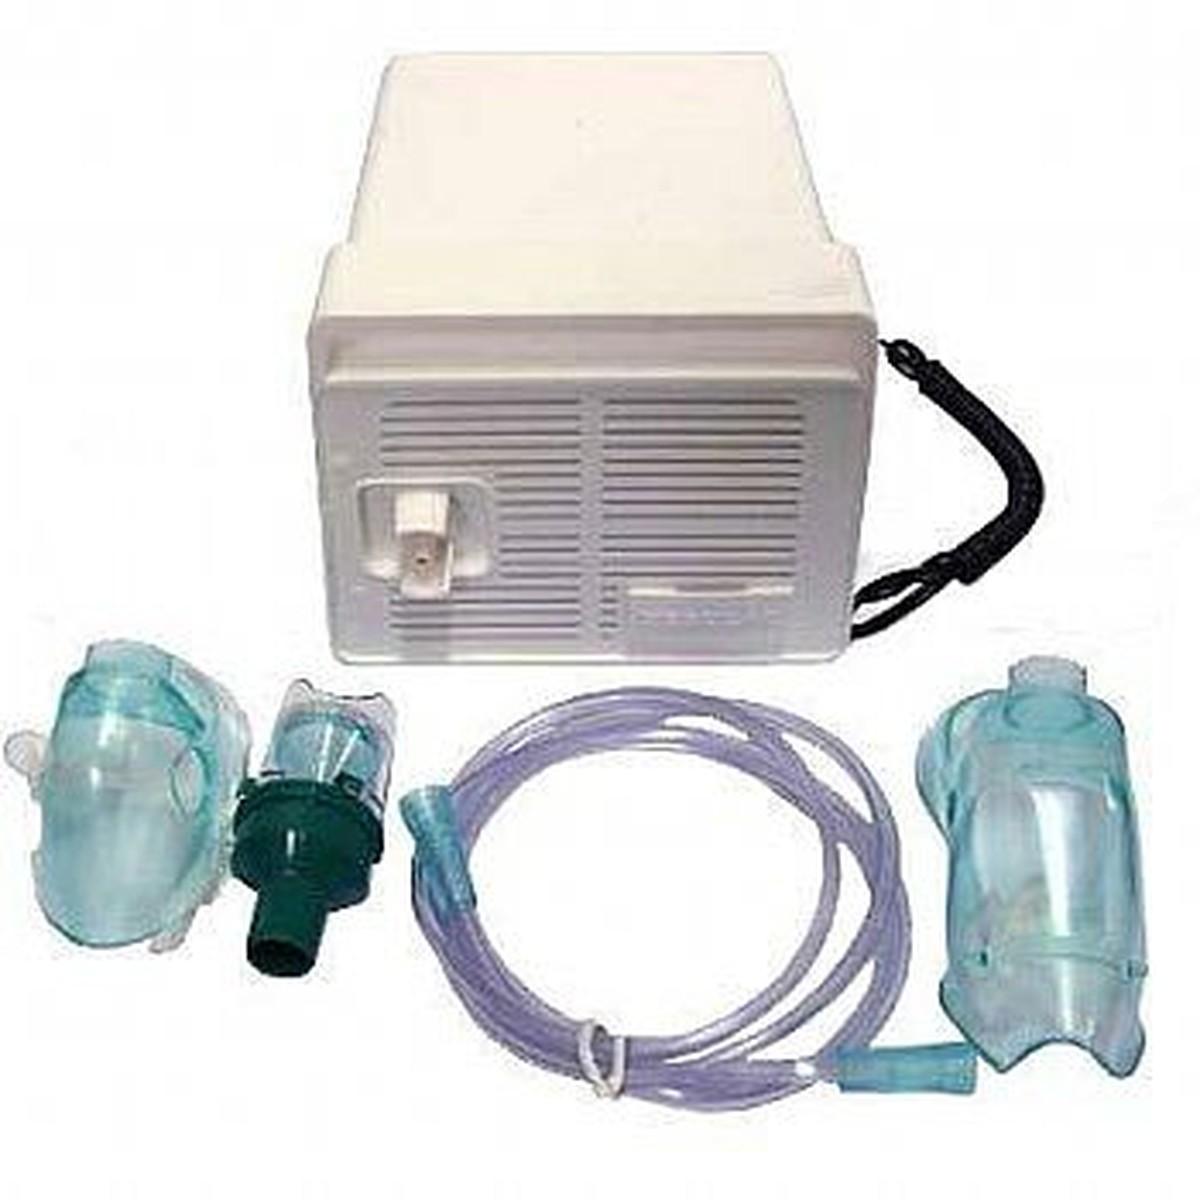 e4d5ac0ec Nebulizador Nebular - Pé de Apoio Produtos para Saúde LTDA